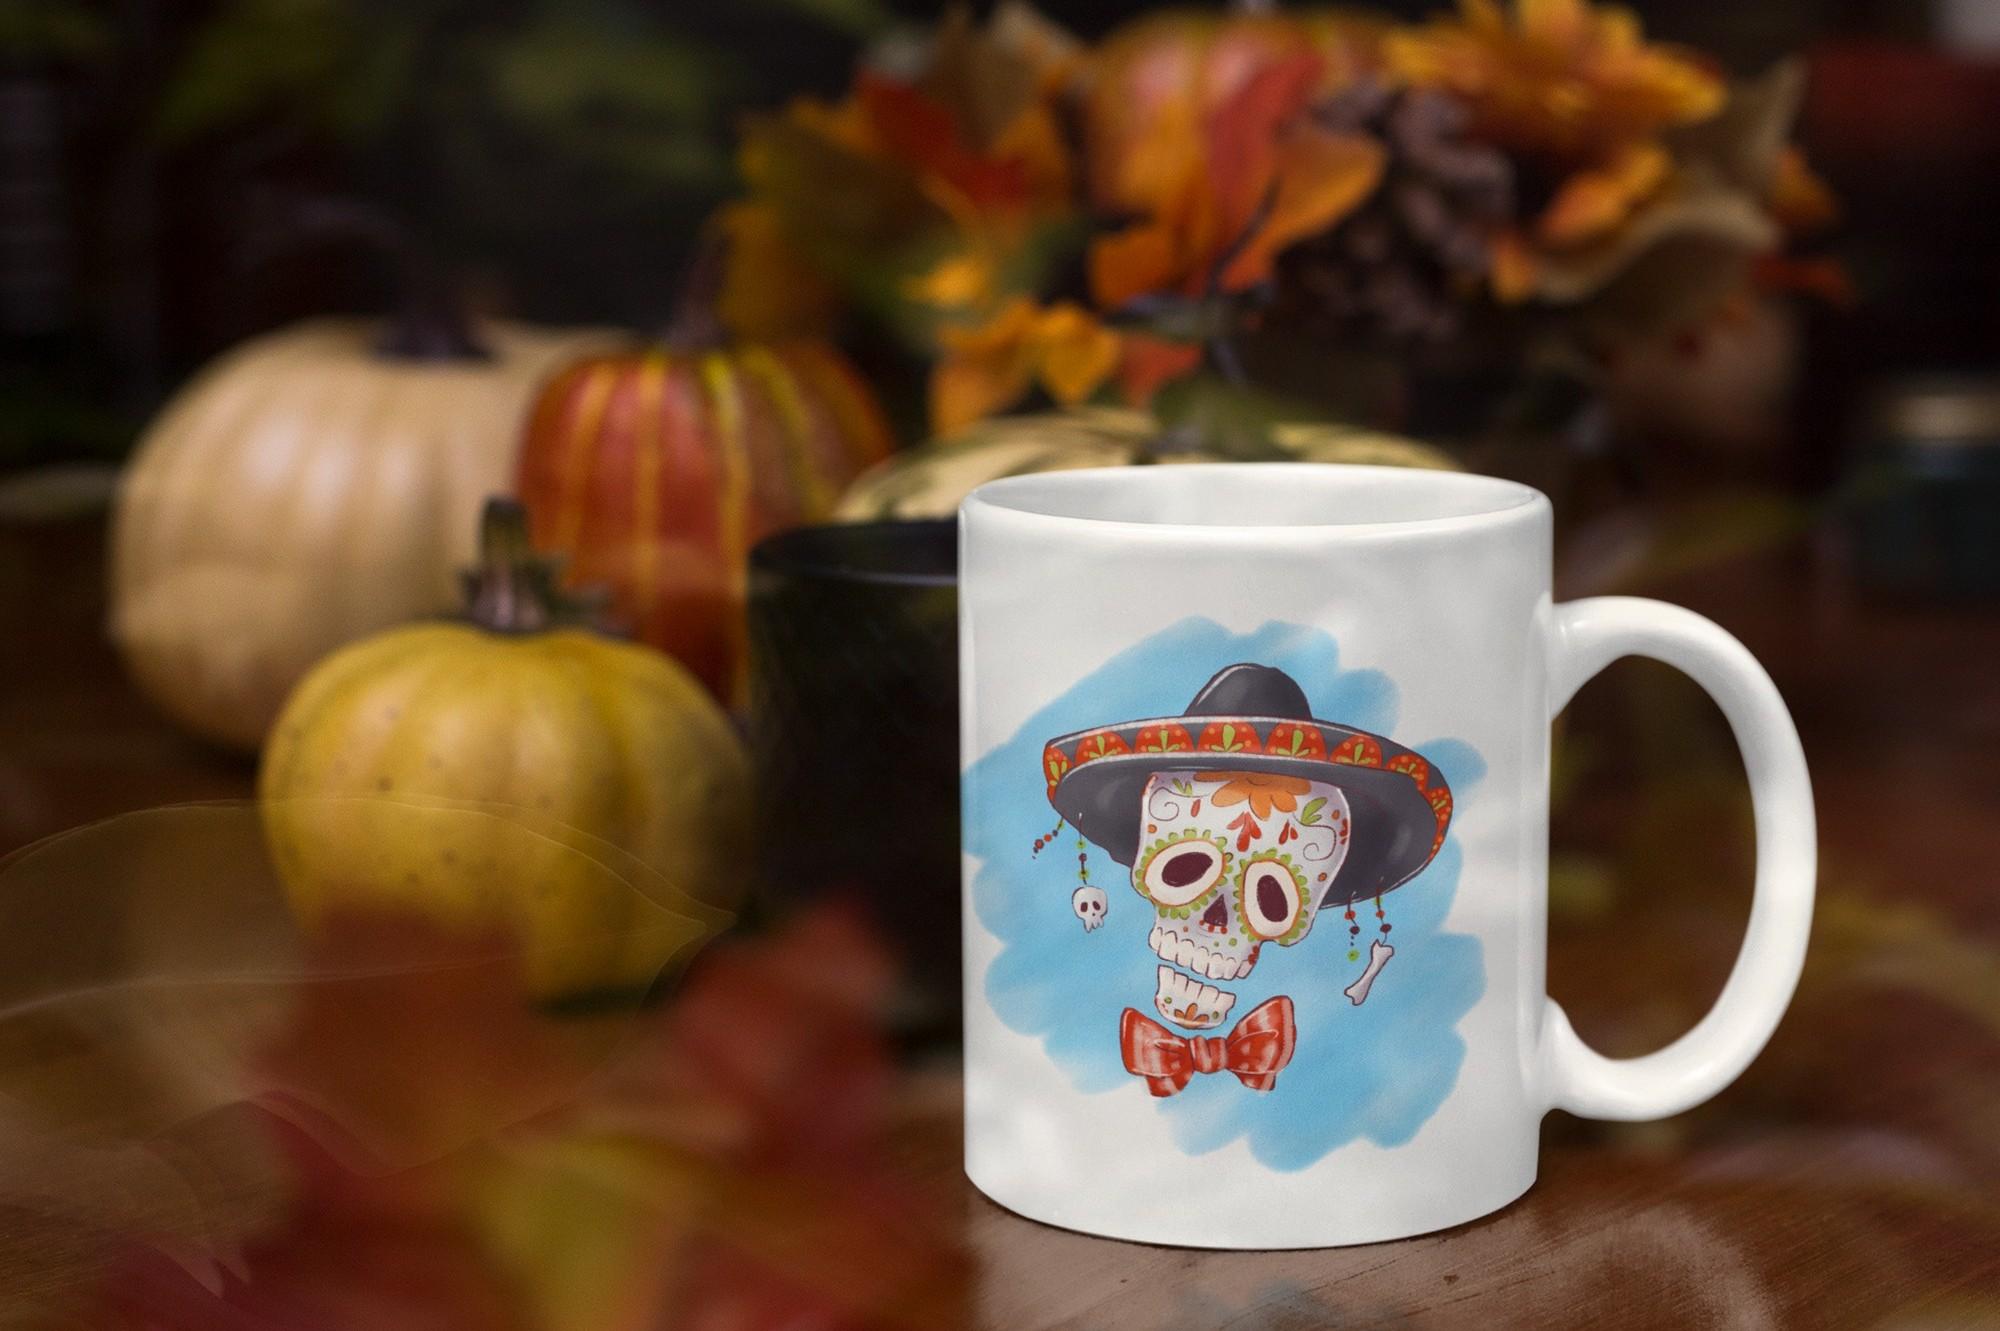 Dia De Los Muertos Clip Art 2020 - 10